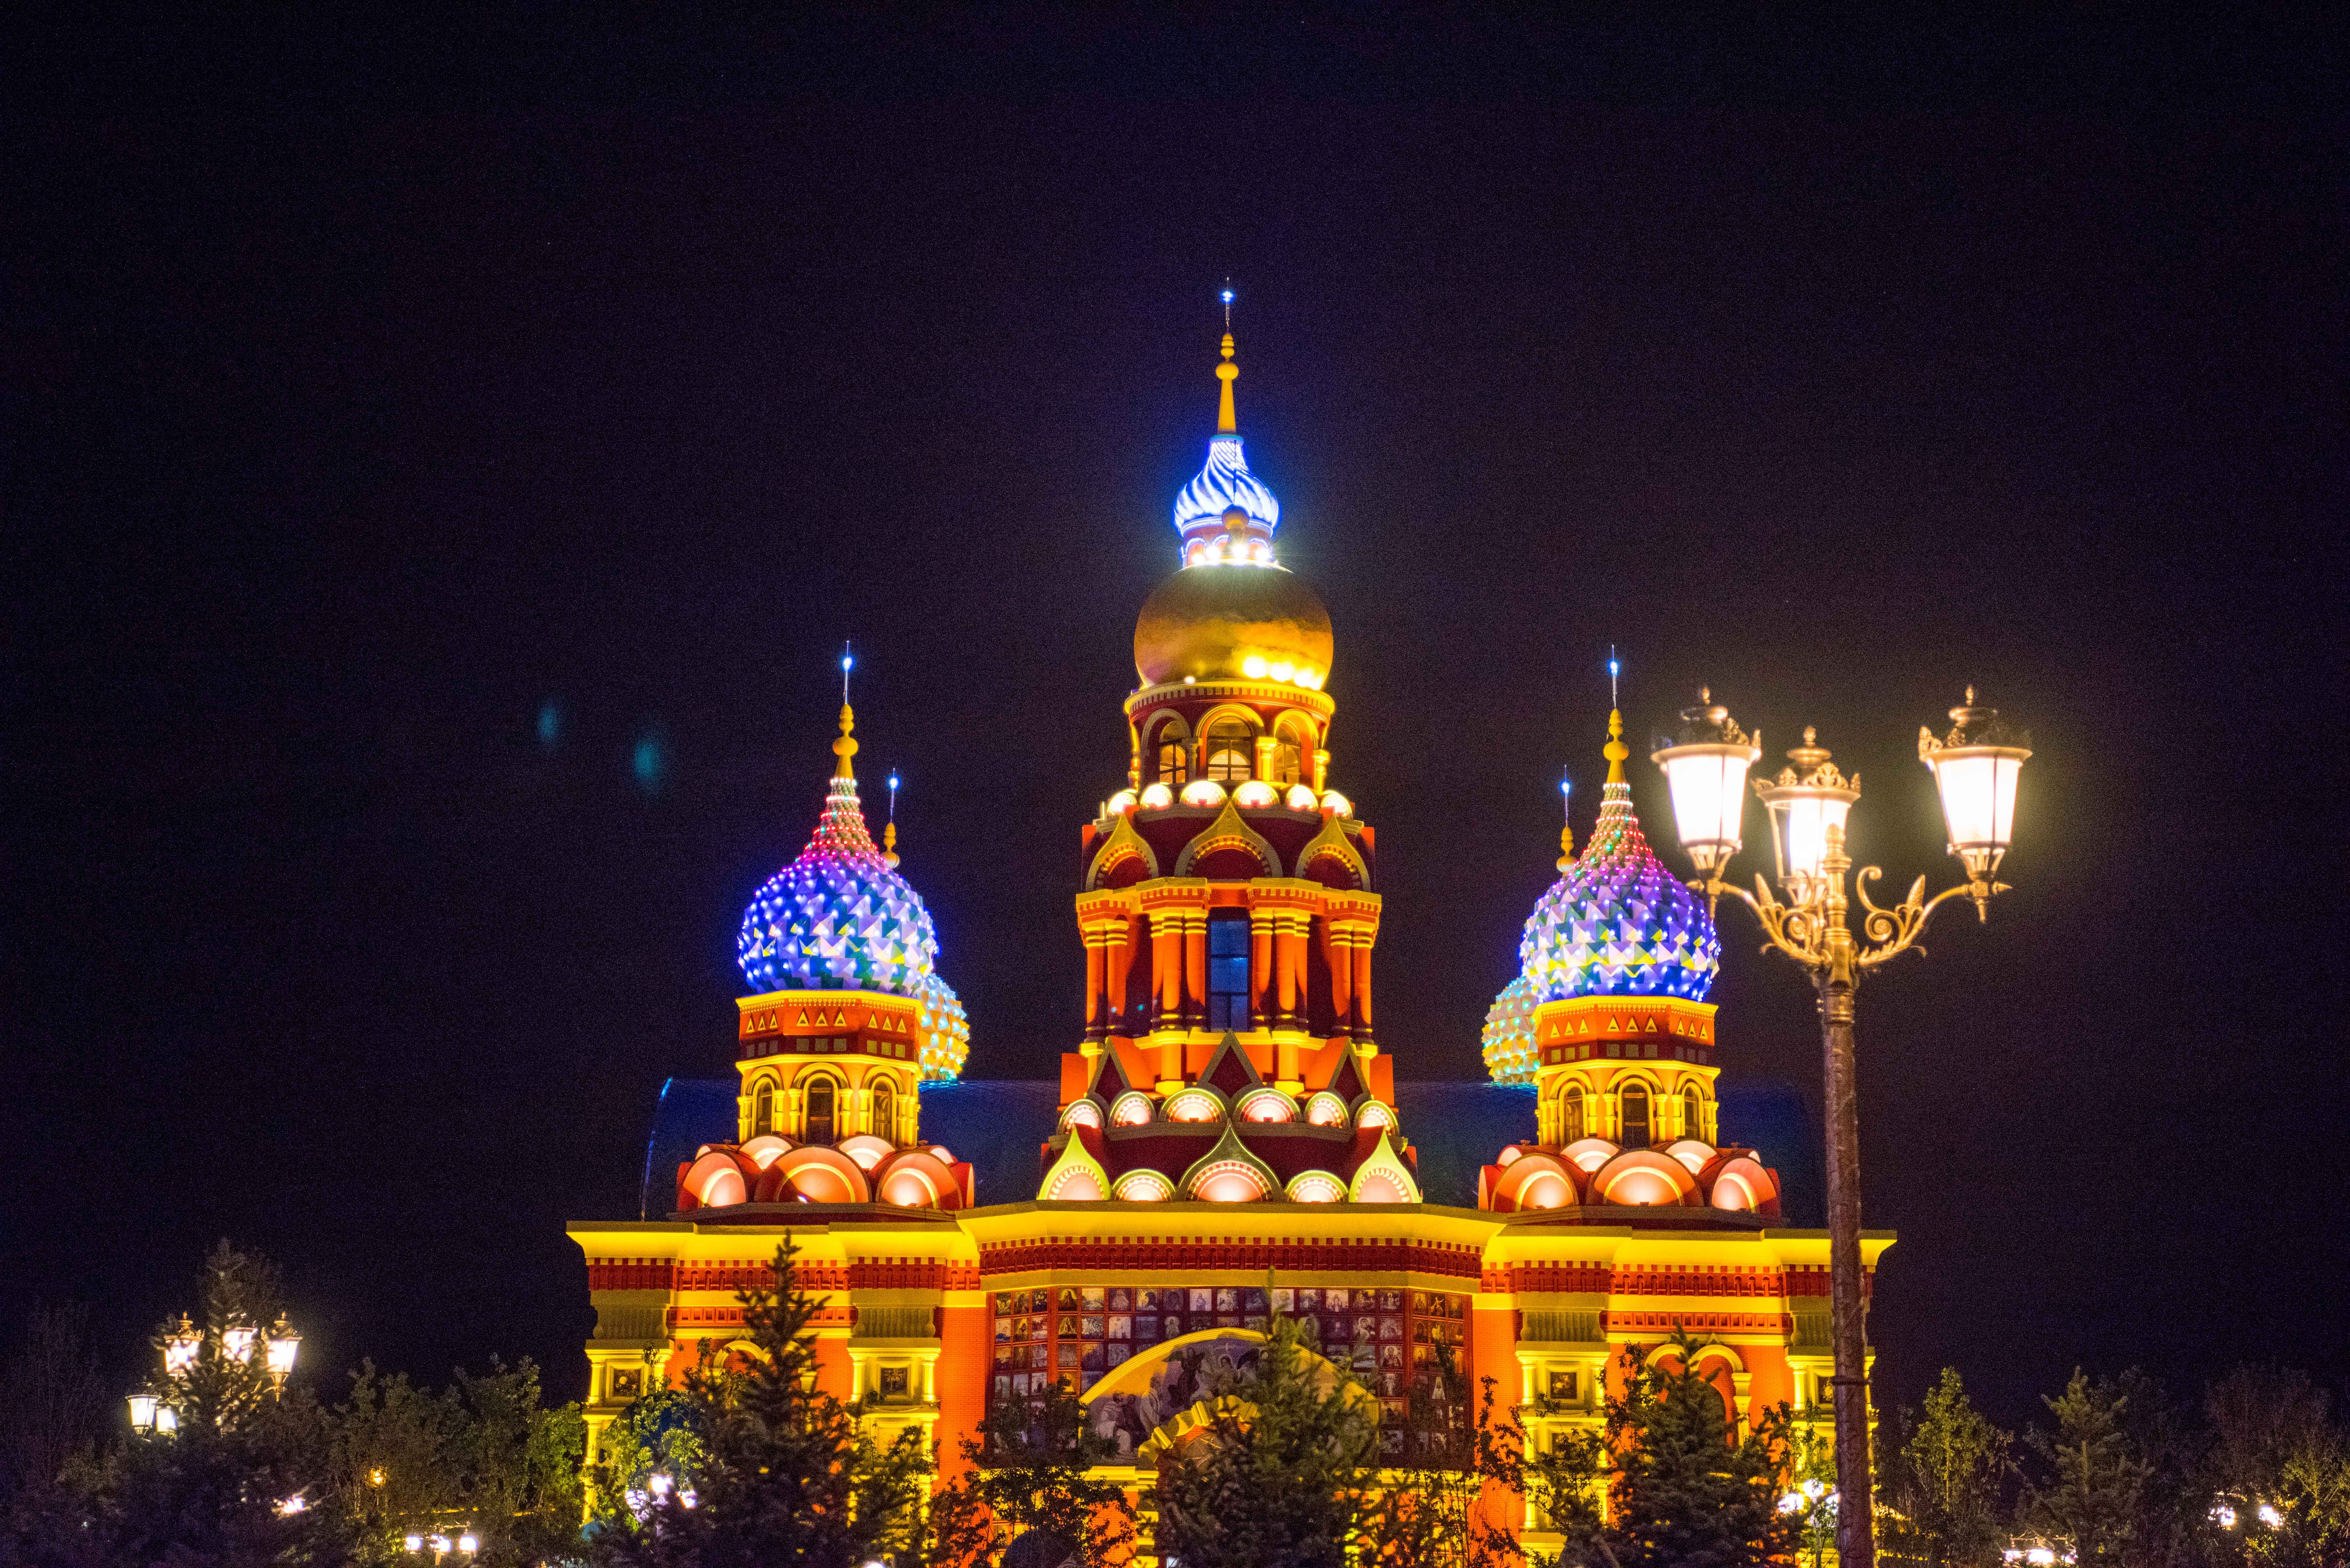 俄罗斯风格的城堡.